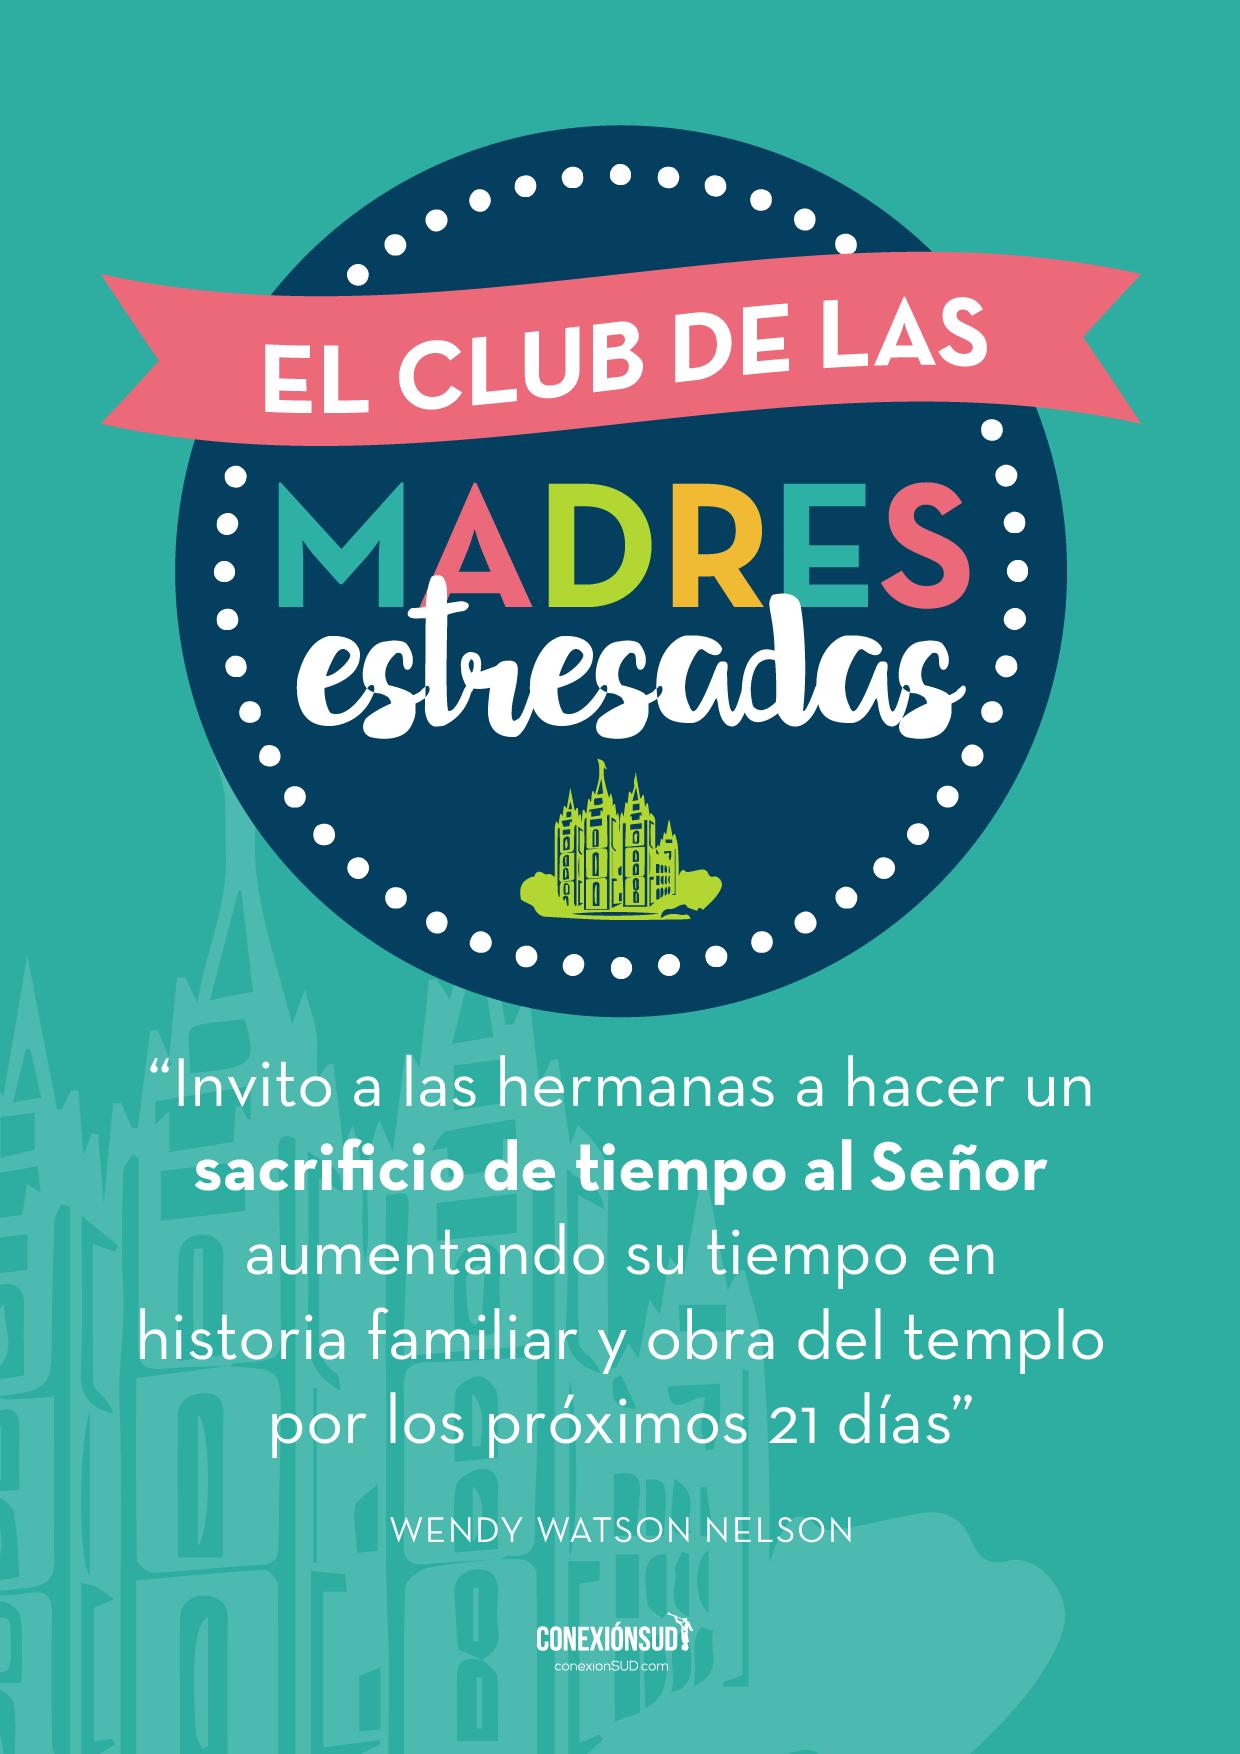 el club de las madres estresadas_Conexion SUD-04